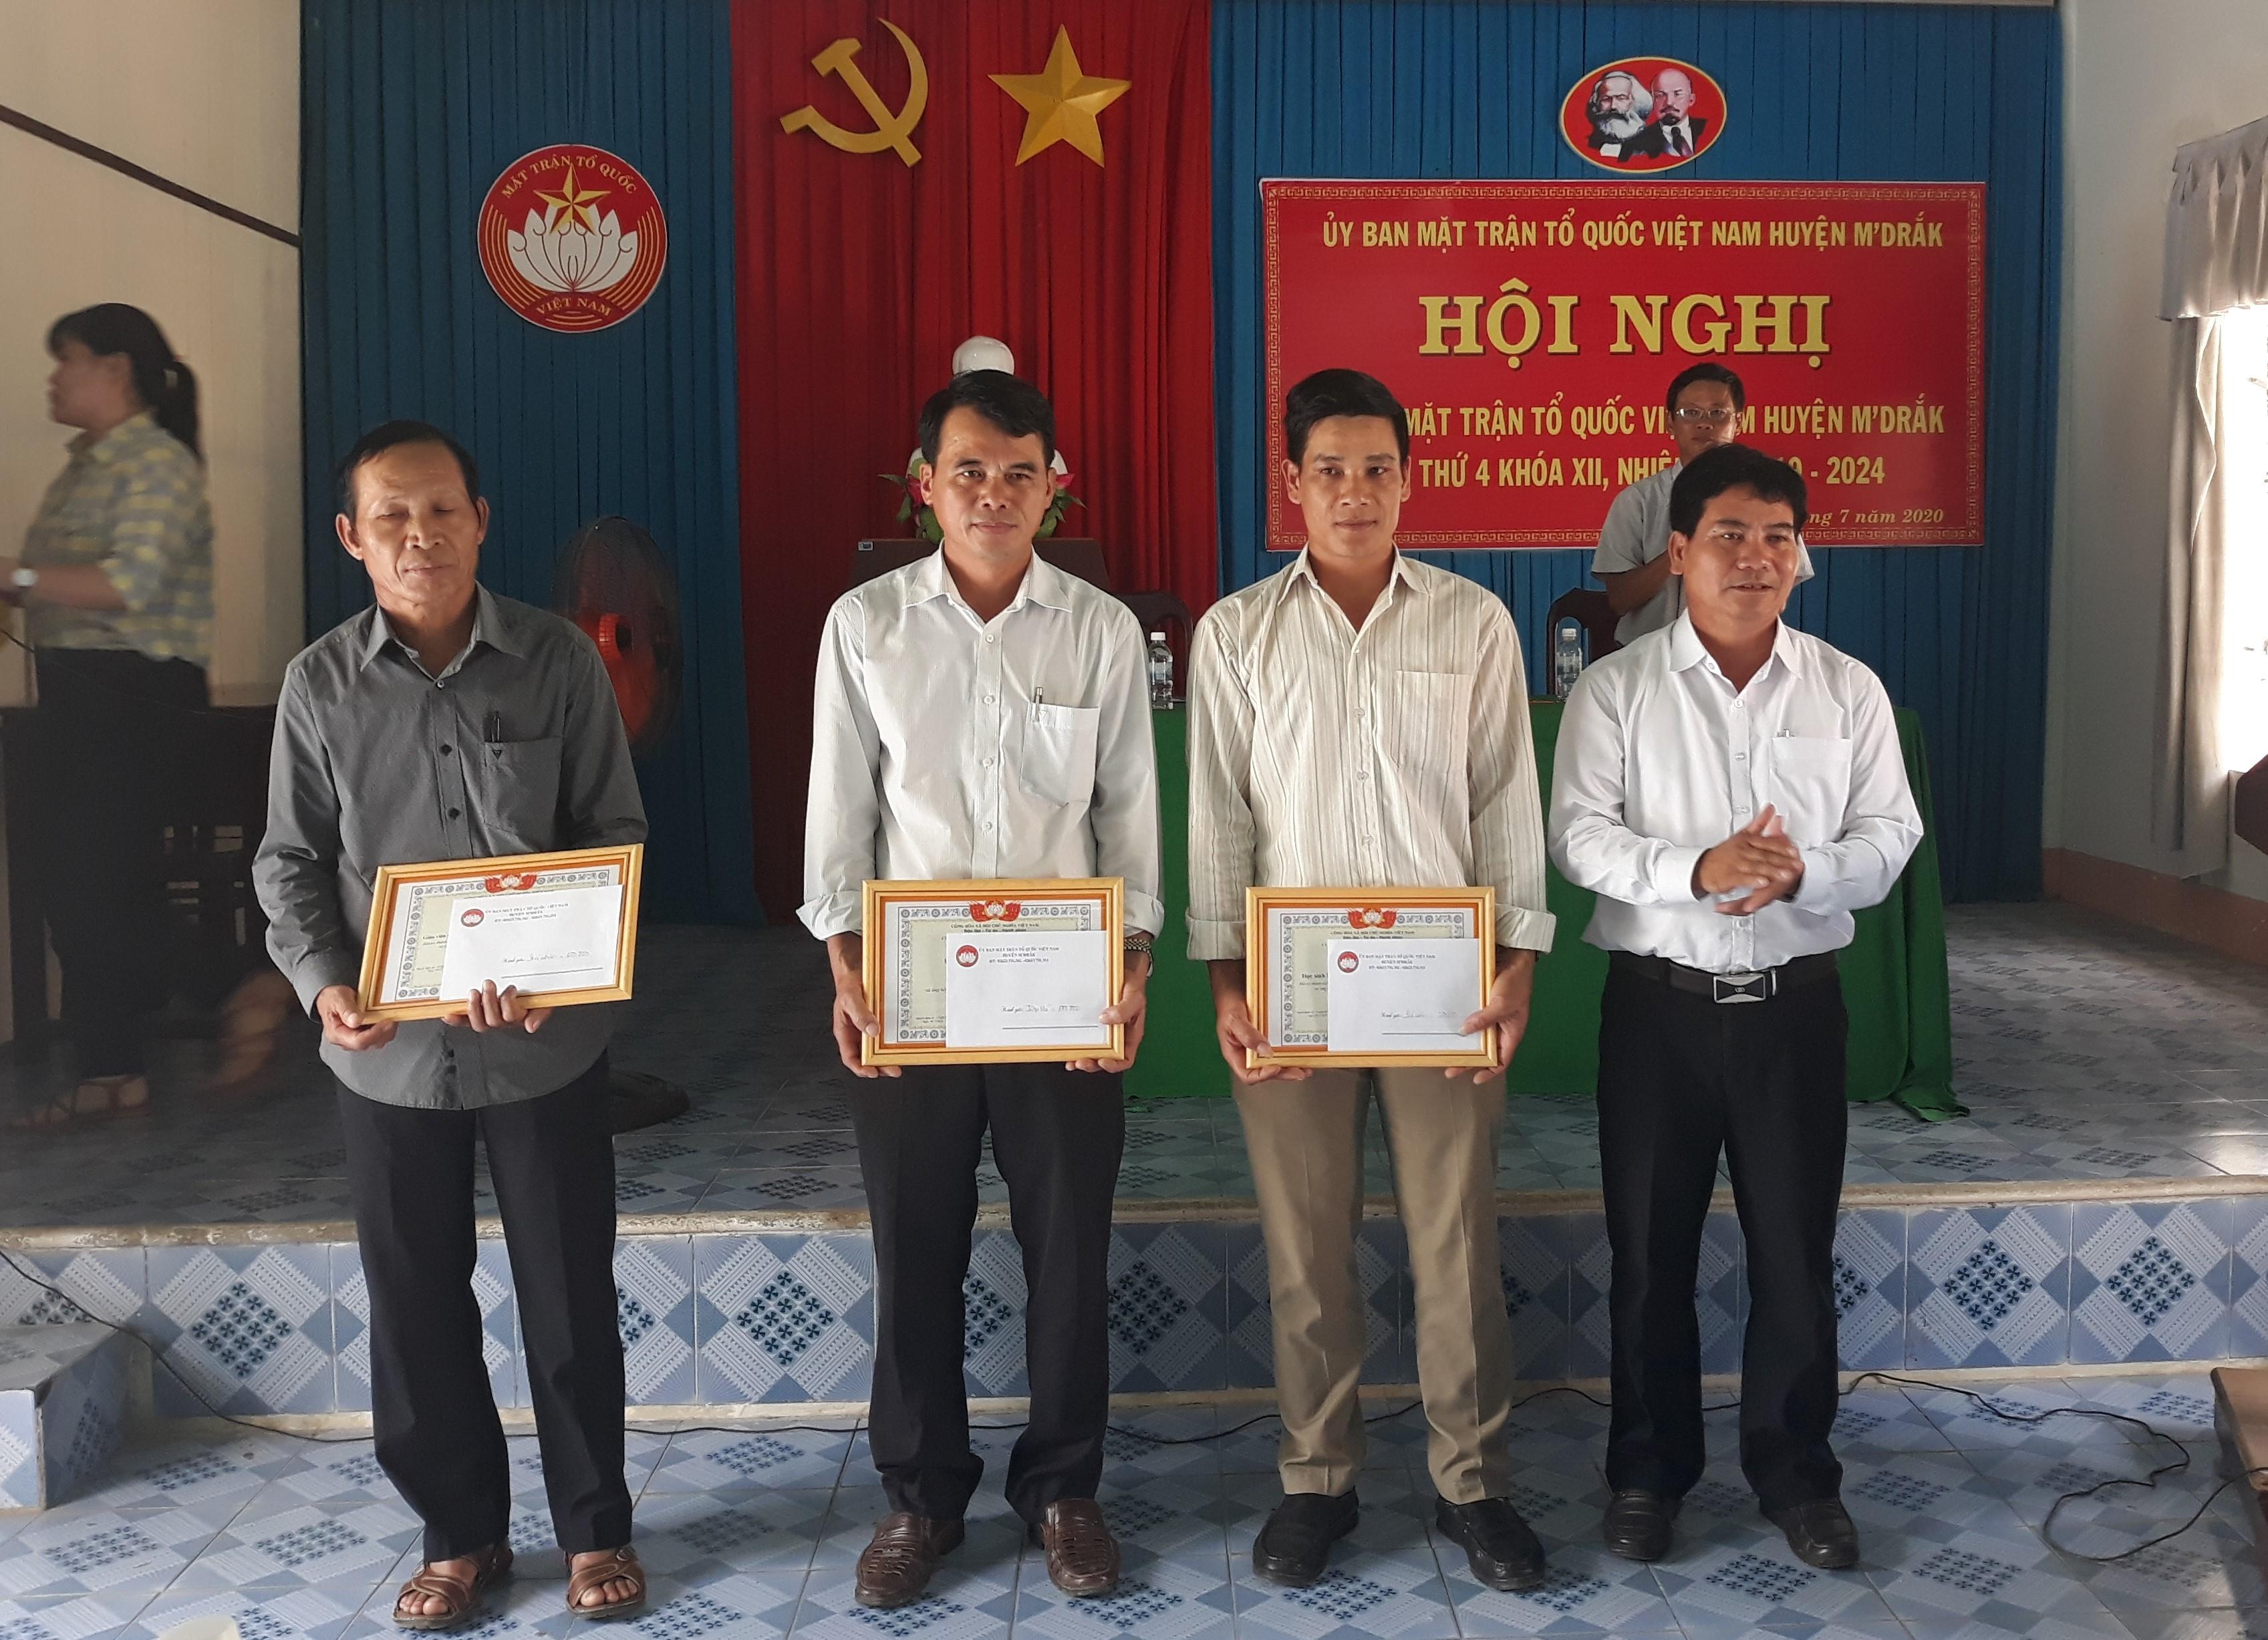 Hội nghị Ủy ban Mặt trận Tổ quốc Việt Nam huyện M'Đrắk lần thứ 4, khóa XII, nhiệm kỳ 2019-2024